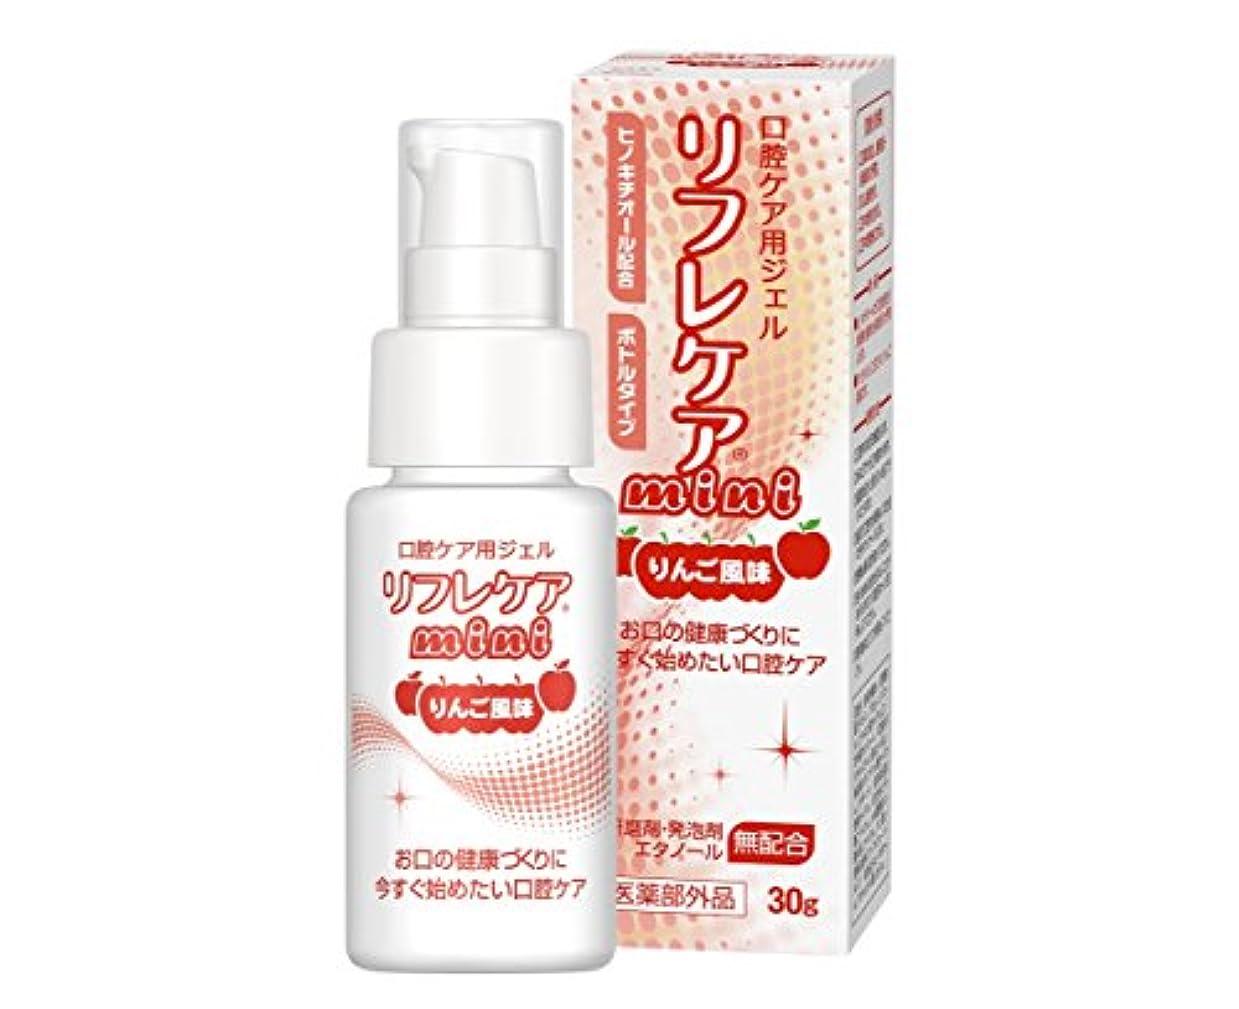 天井リーチイブニングリフレケアmini(りんご風味) 30g [医薬部外品]